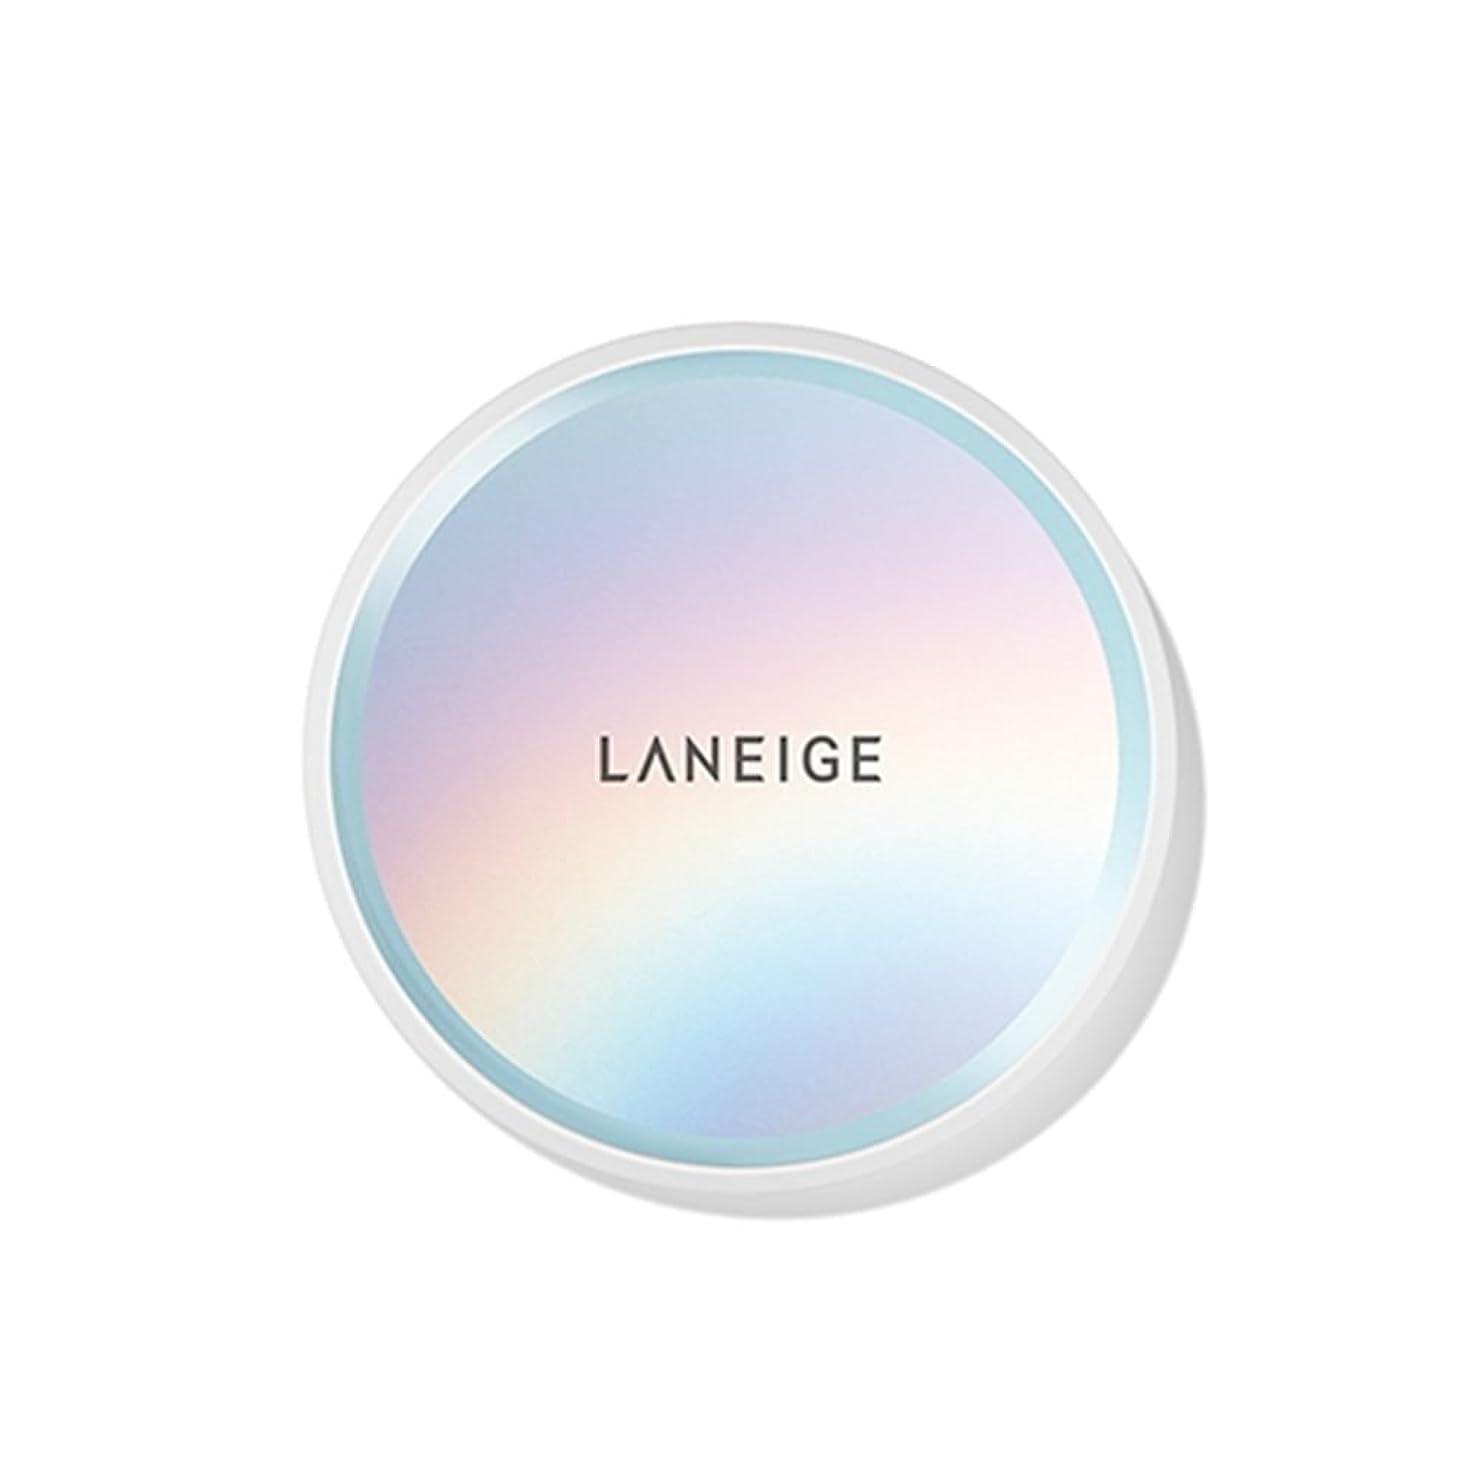 ベイビー専門用語後継【ラネージュ】 LANEIGE BB Cushion Pore Control BBクッションポアコントロール 【韓国直送品】 OOPSPANDA (8.No. 23 Cool Sand)